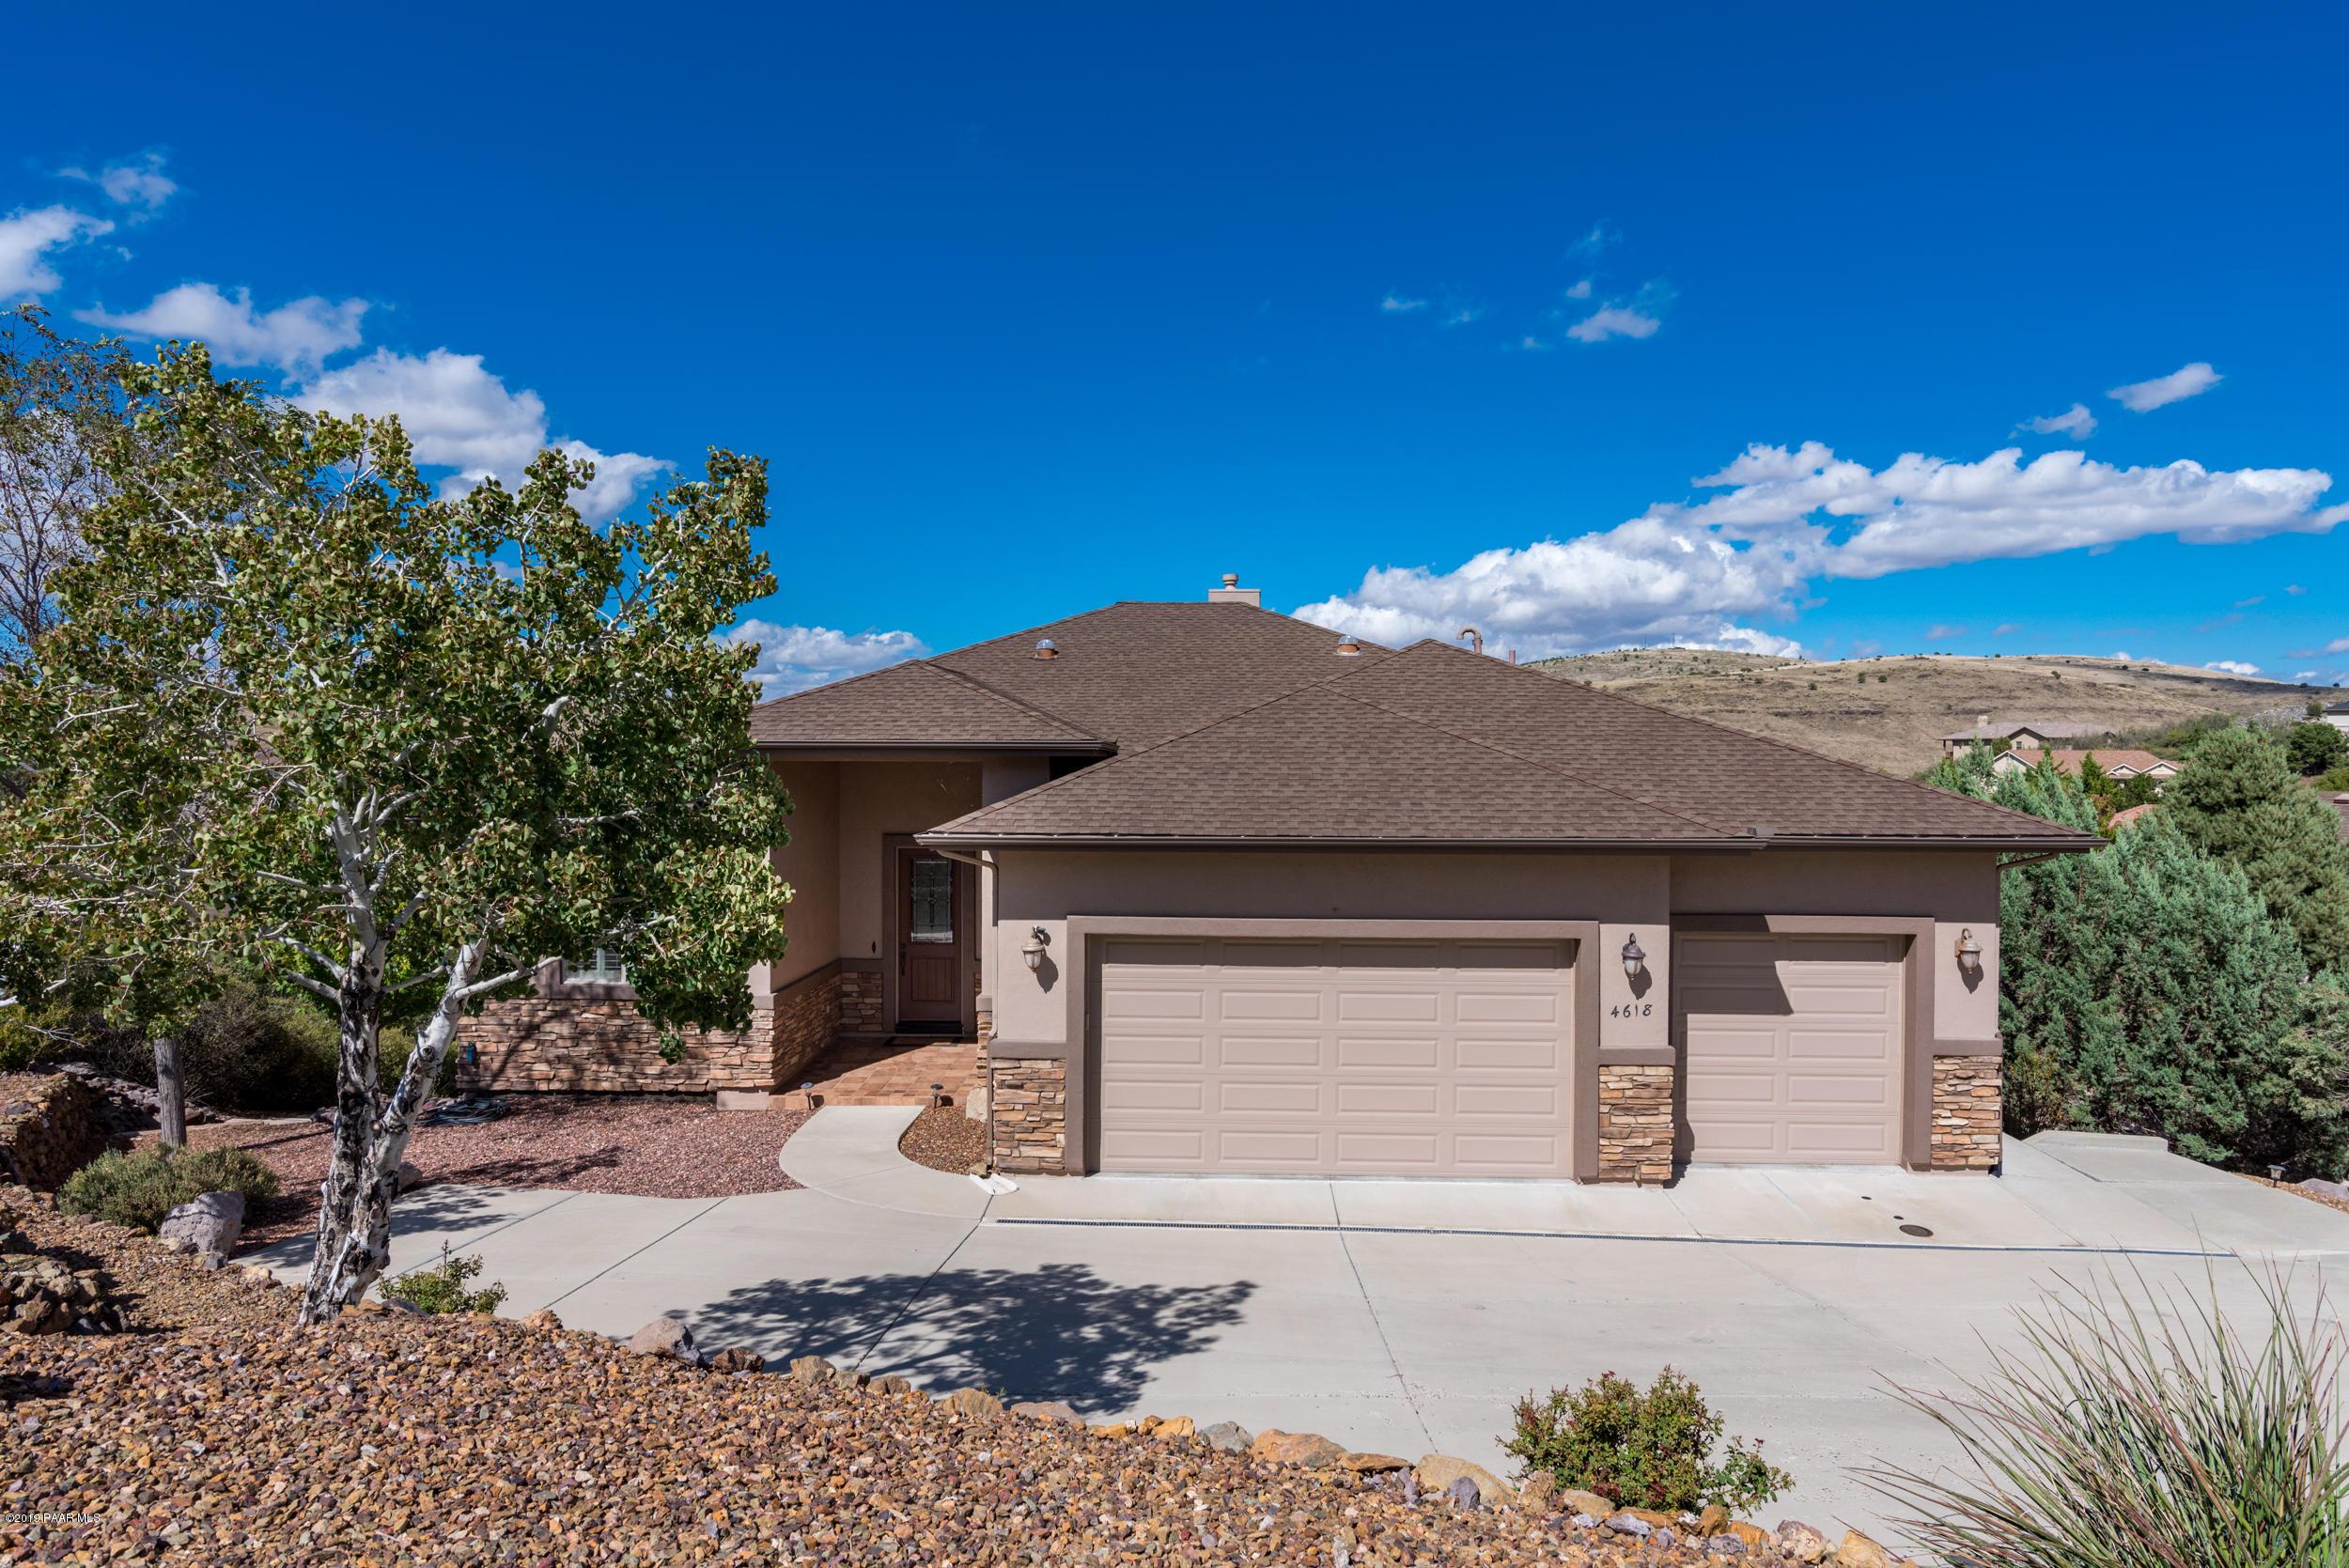 Photo of 4618 Prairie, Prescott, AZ 86301